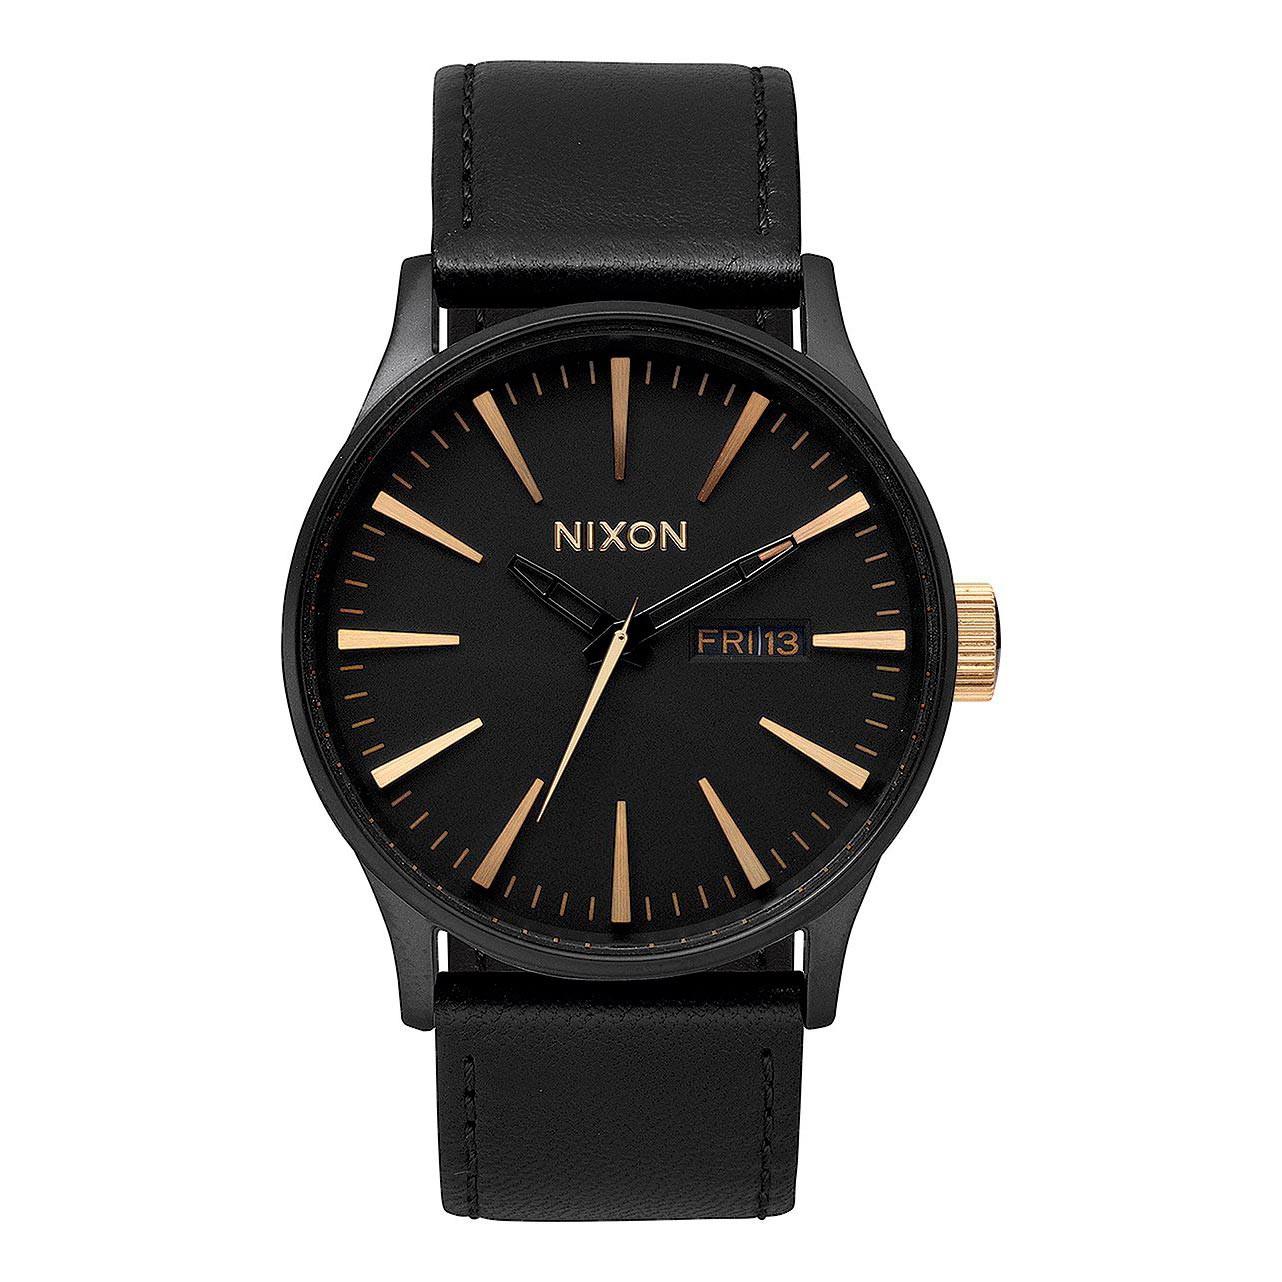 Hodinky Nixon Sentry Leather matte black/gold vel.kůže 16 + doručení do 24 hodin